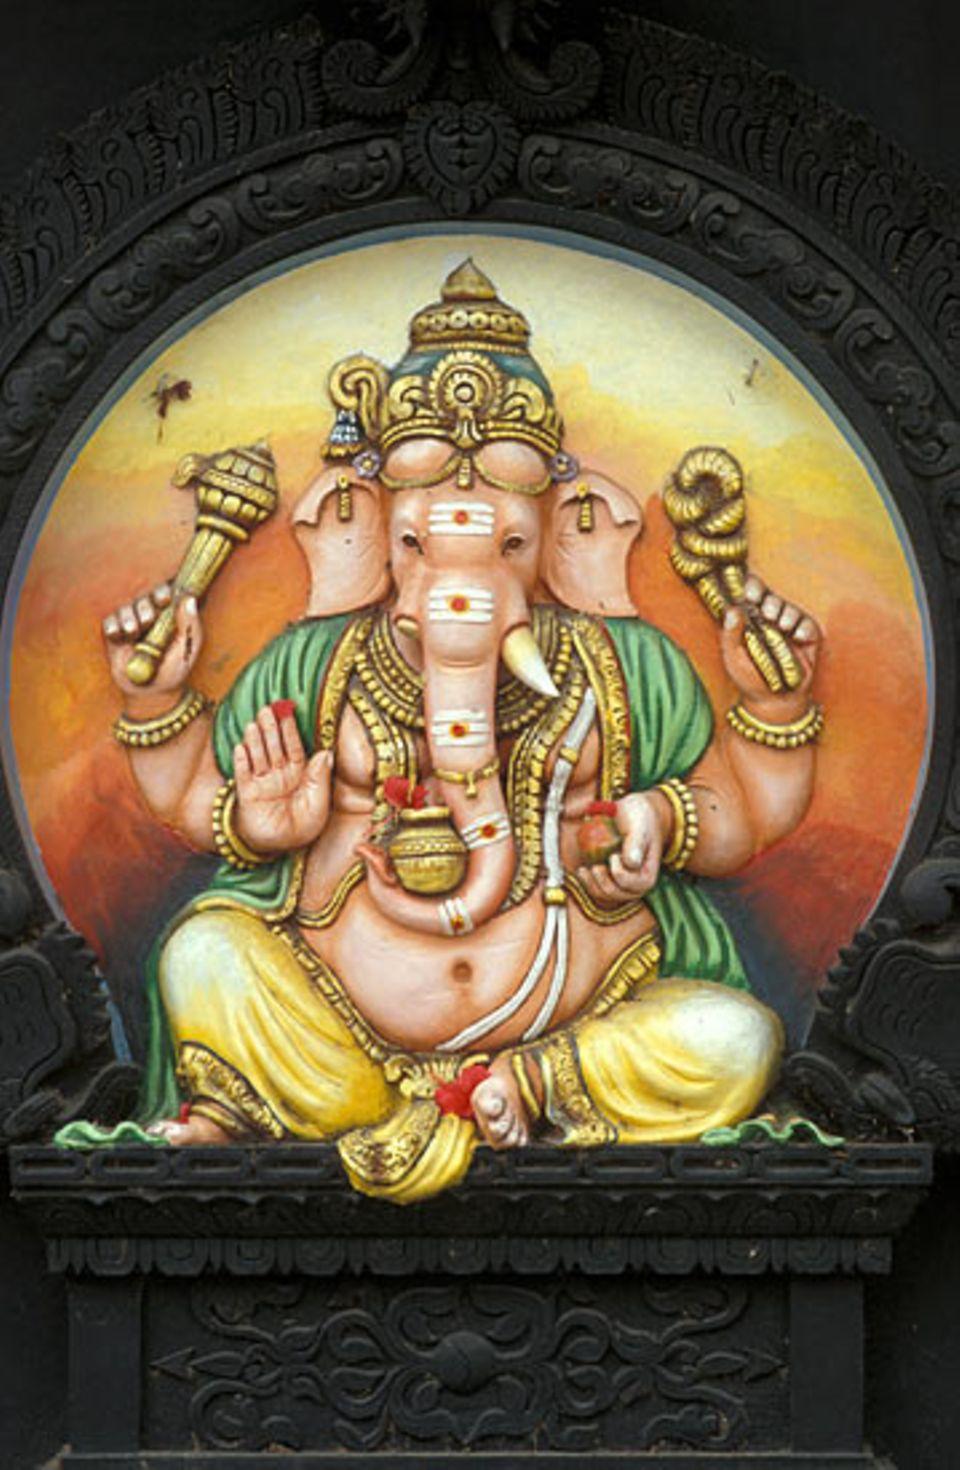 Hinduismus: Den Gott Ganesha erkannt man am Elefantenkopf